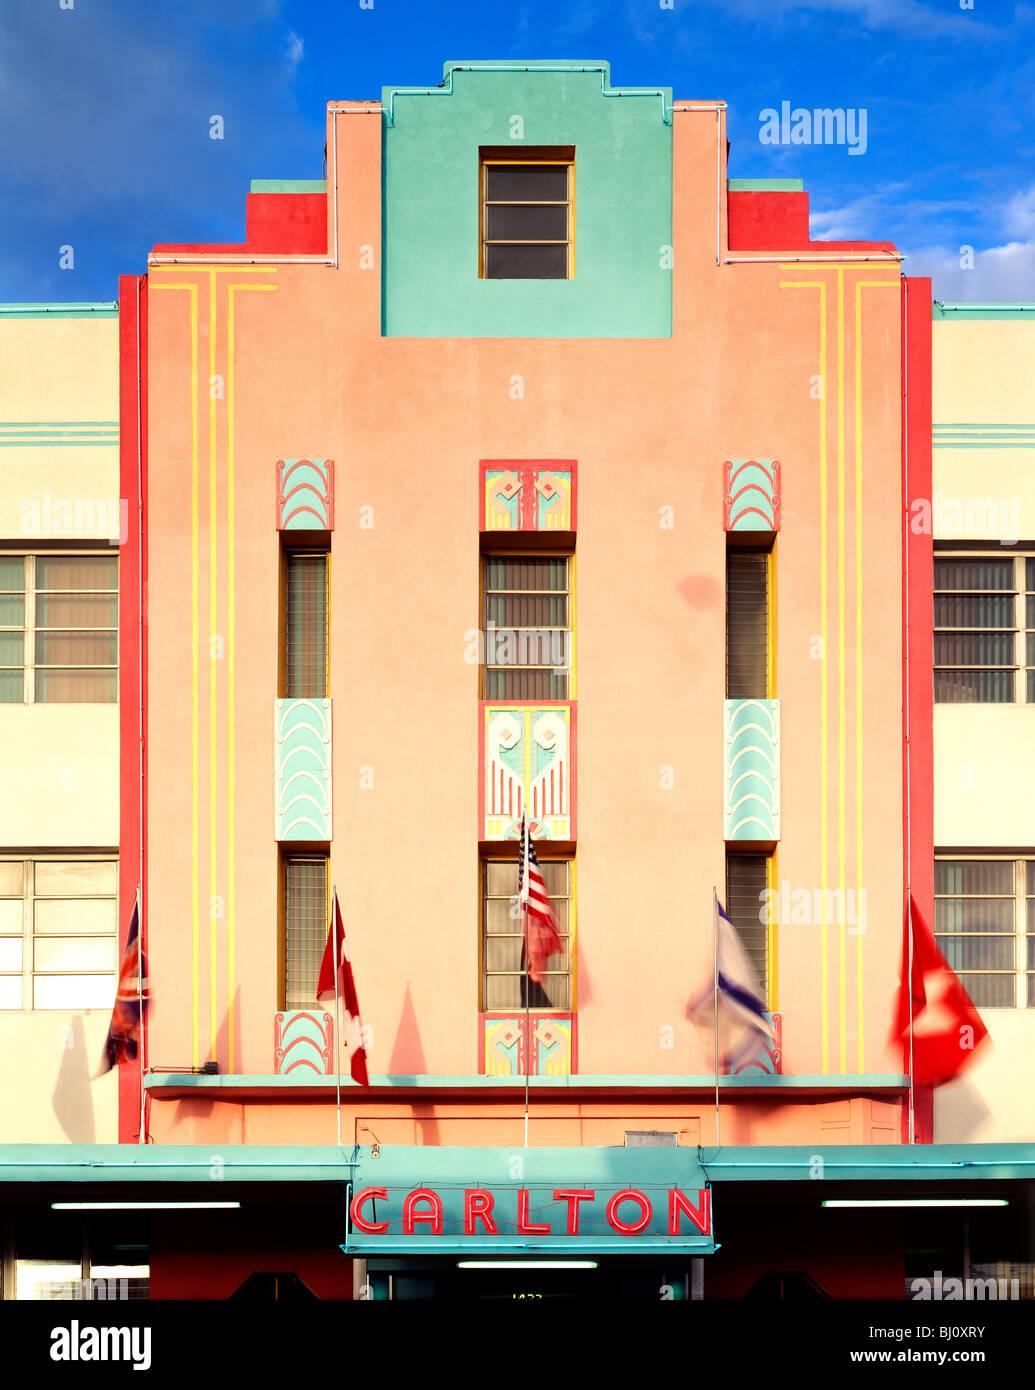 Carlton Hotel Art déco stile architettonico edificio nel rivitalizzato South Beach, Miami, Florida, Stati Uniti Immagini Stock